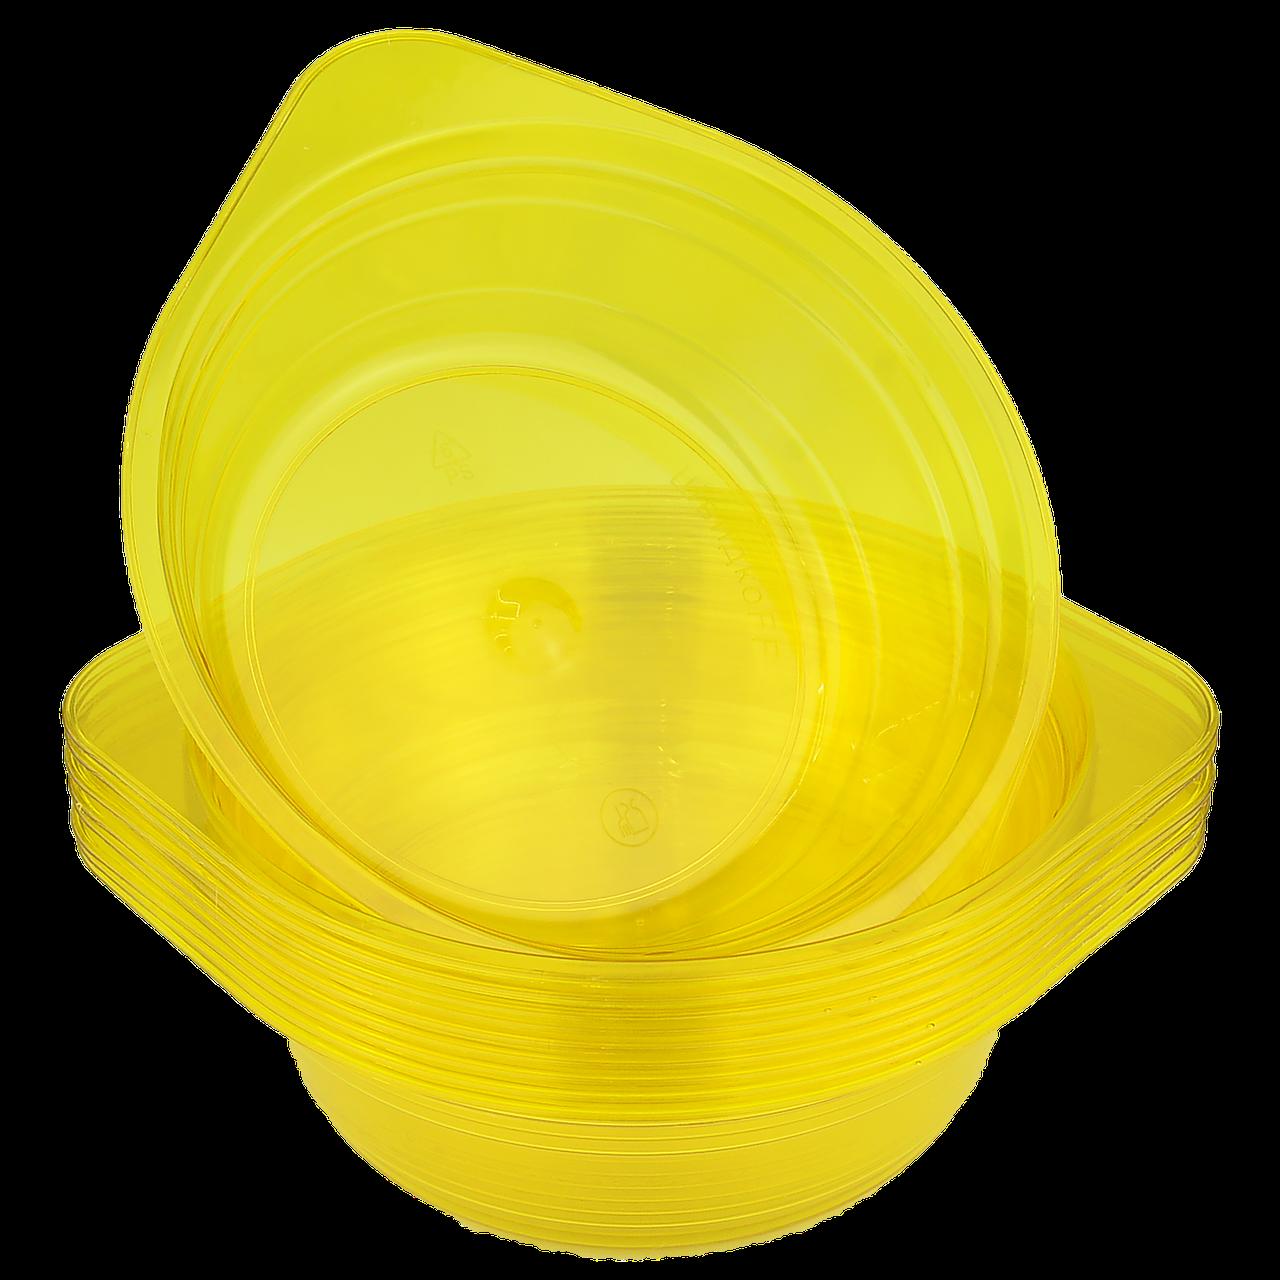 Миска стеклоподобная желтая 0,5л 10шт (1ящ/40уп)